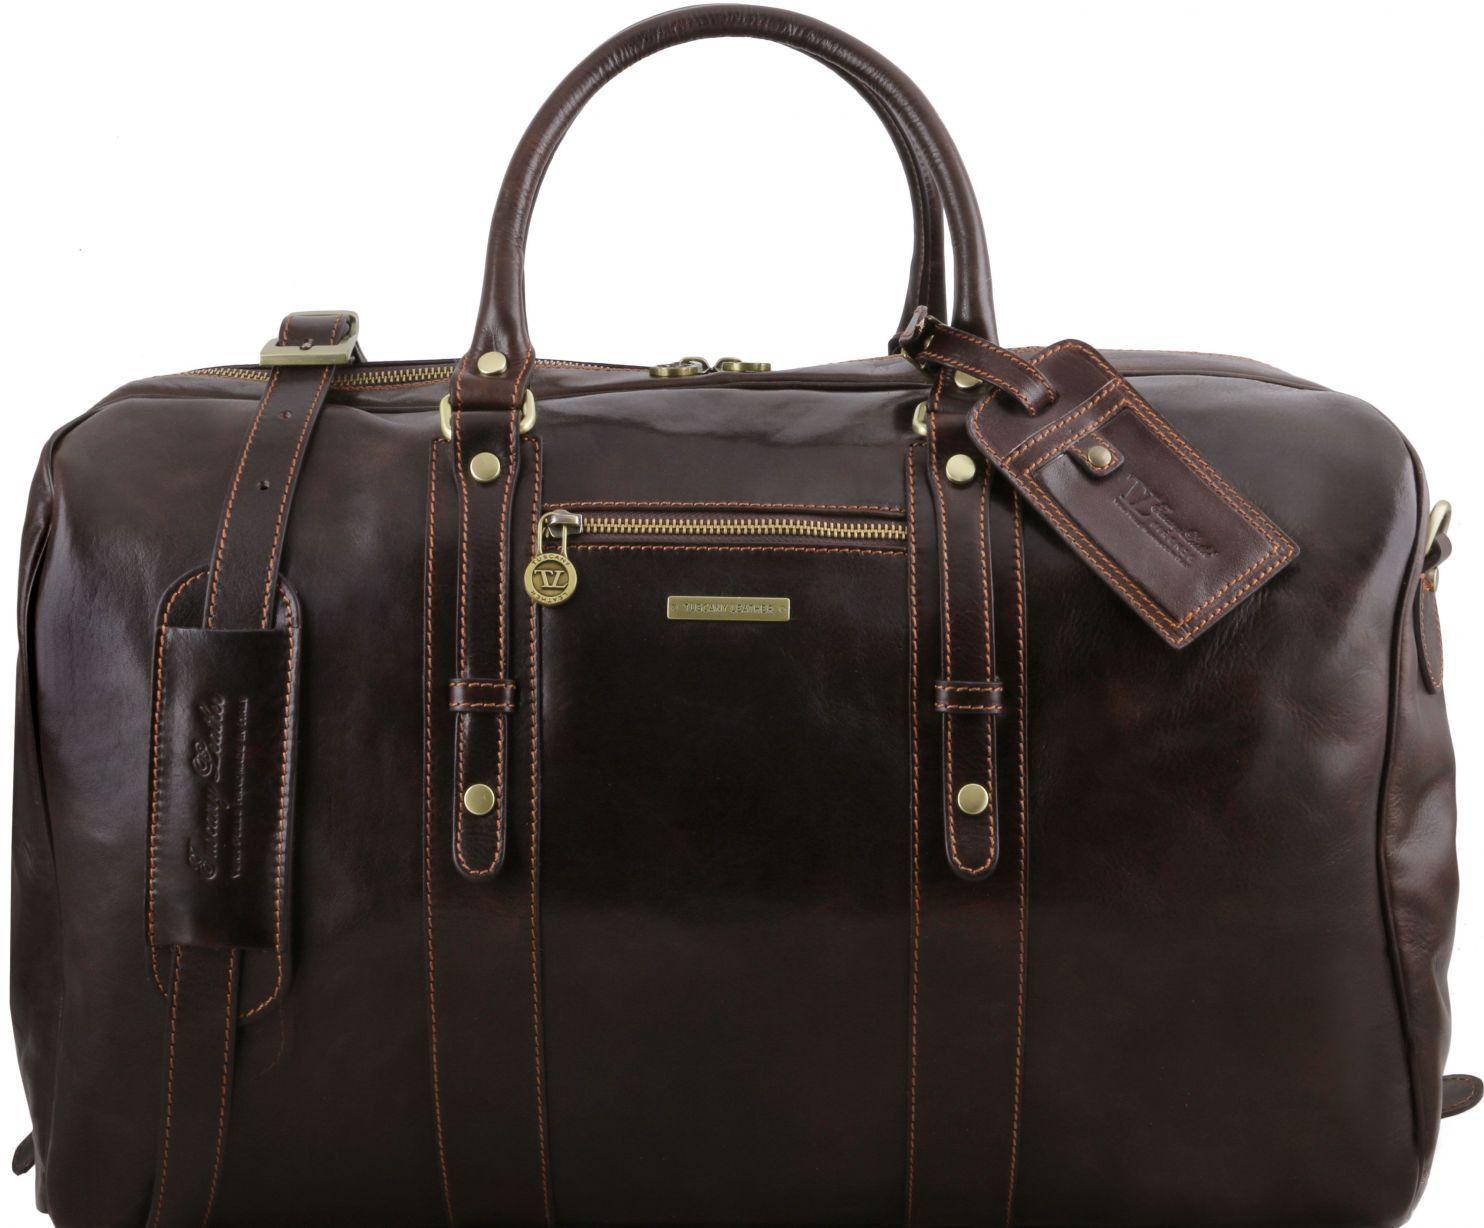 Σάκος ταξιδίου δερμάτινος TL Voyager – TL141401 Καφέ σκούρο Tuscany Leather